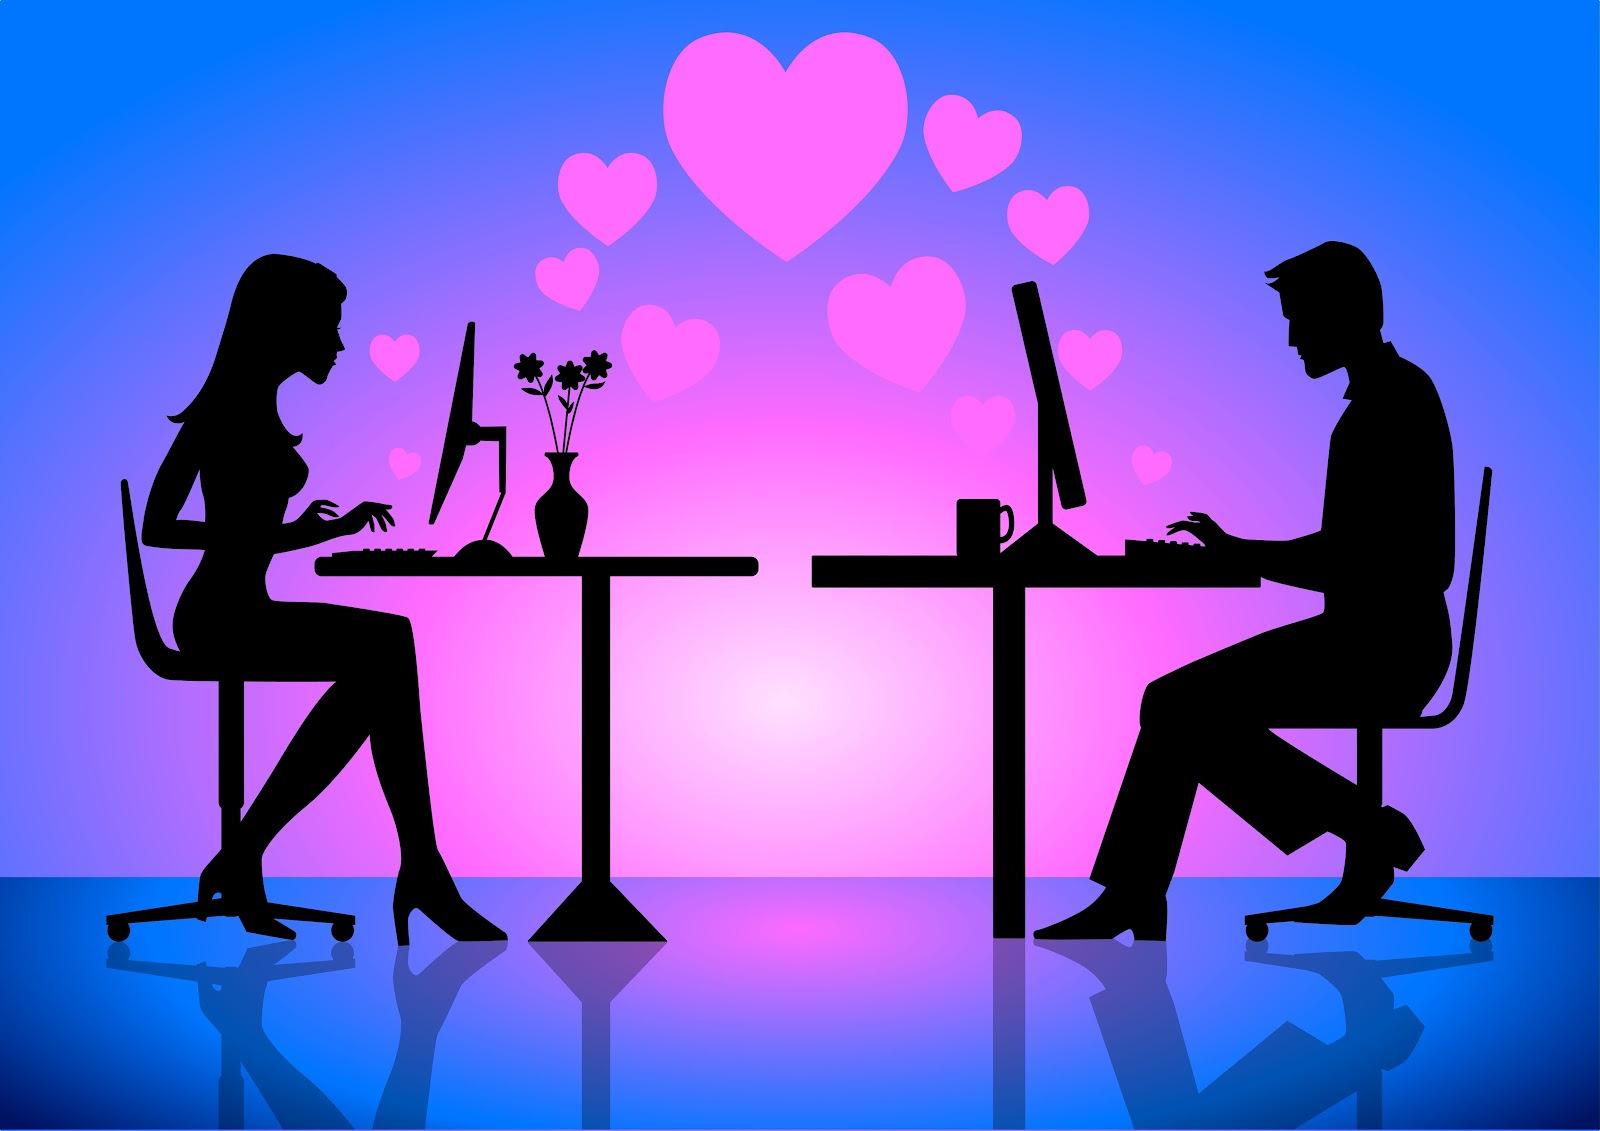 киеве для обявления и знакомство области в секса